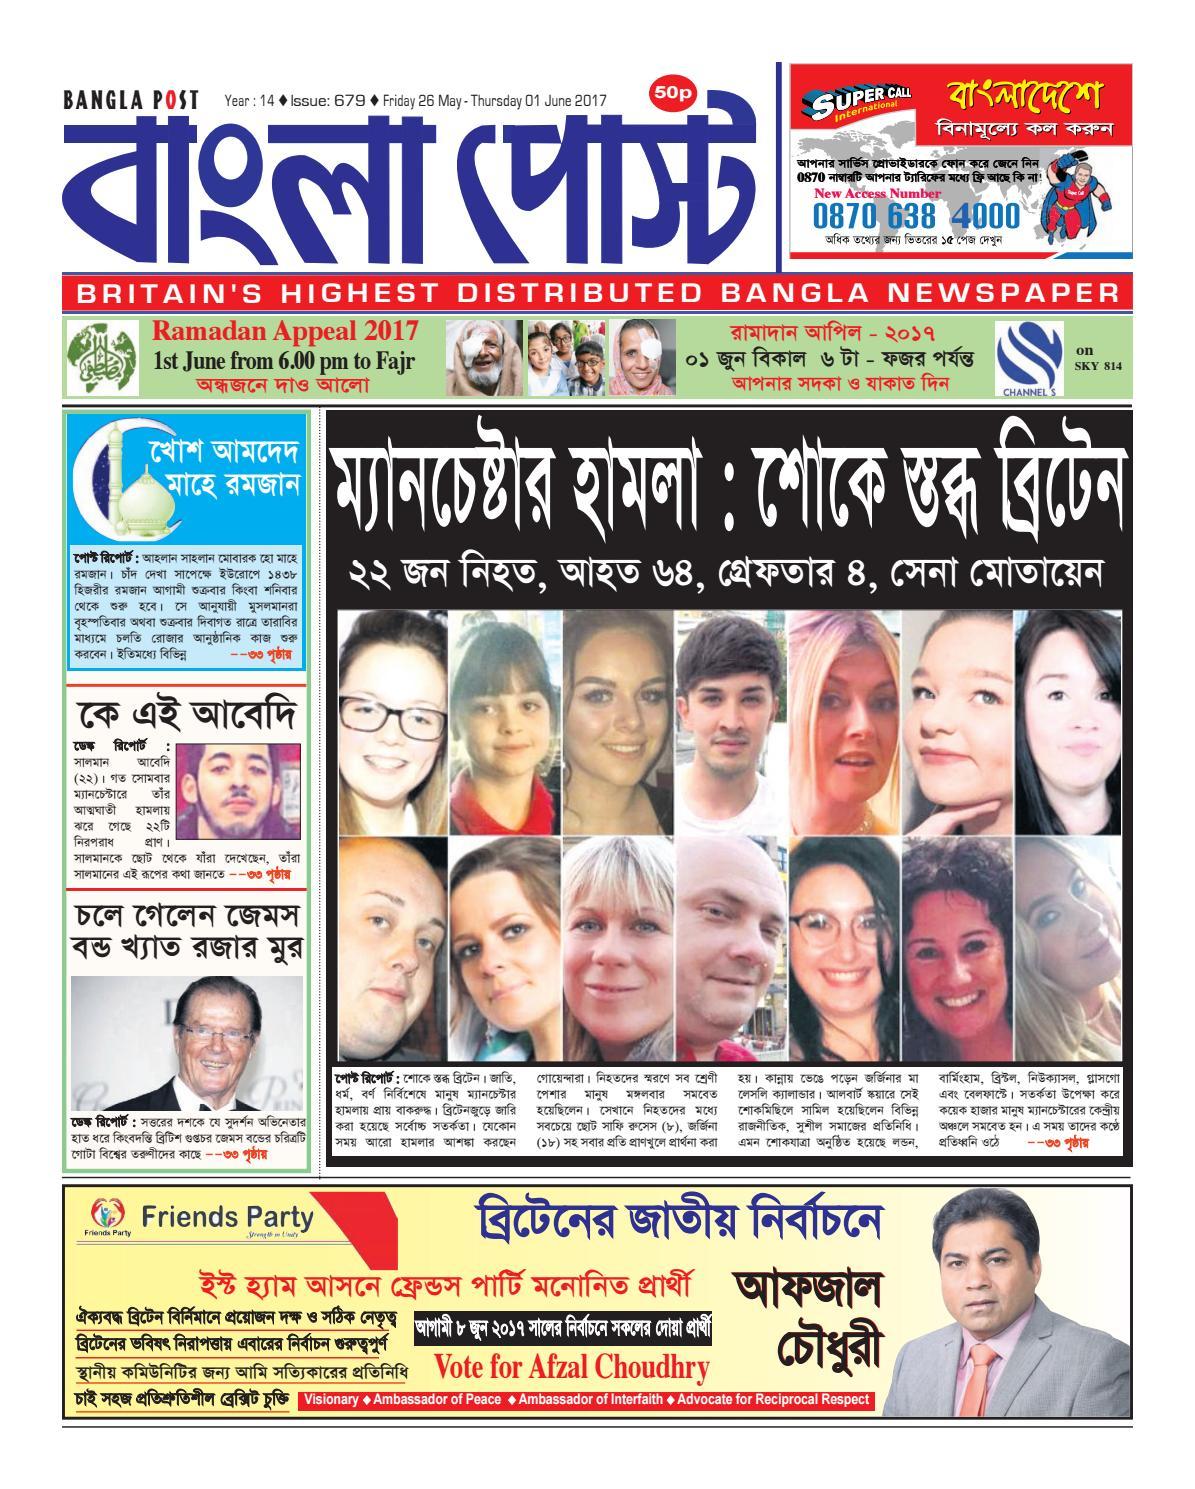 Bangla Post: Issue 679, Date 26 05 17 by Bangla Post-Newspaper - issuu